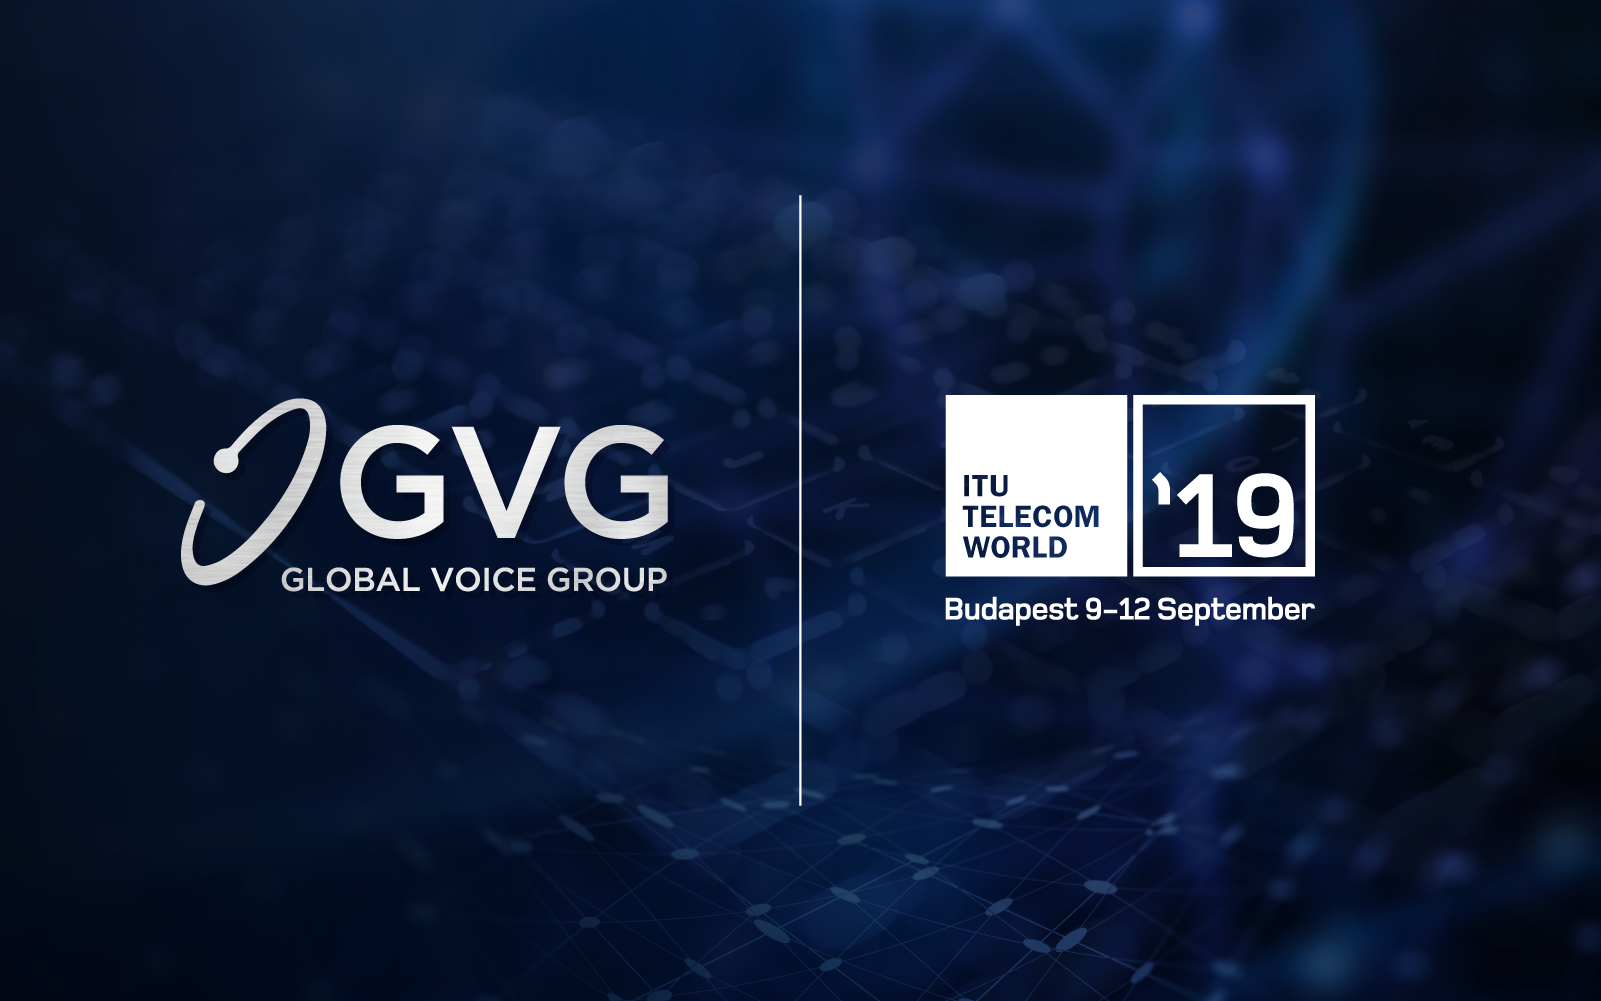 ITU Telecom World 2019 Promeut L'innovation Et La Connectivité Avant Tout